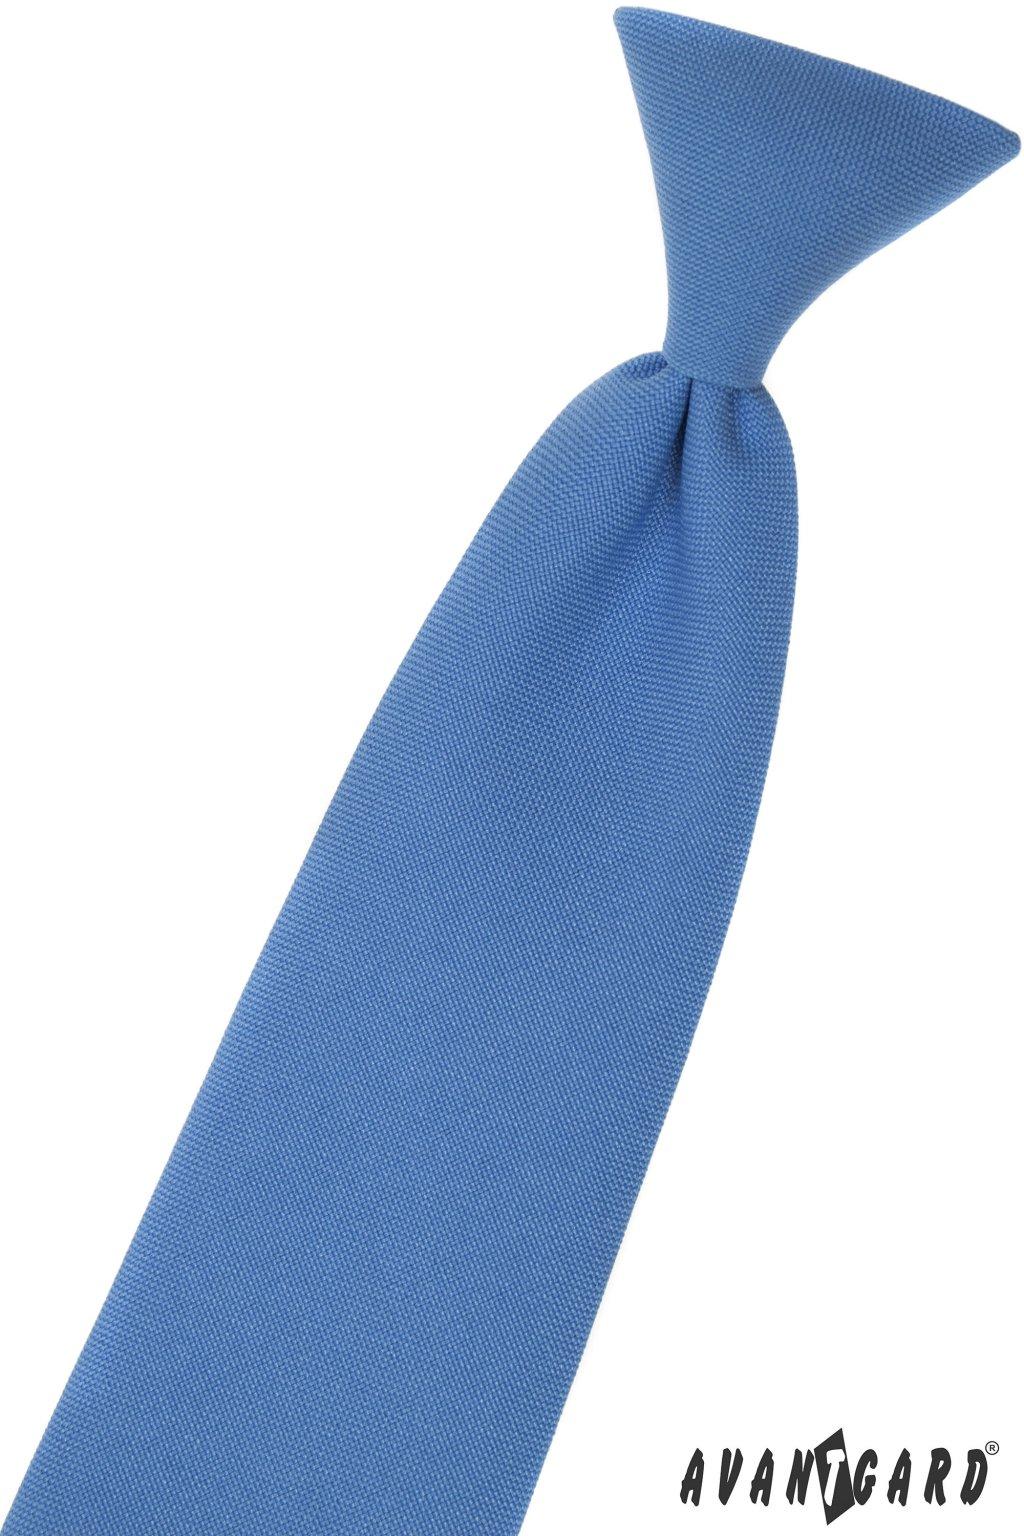 Chlapecká kravata modrá 548 - 9851